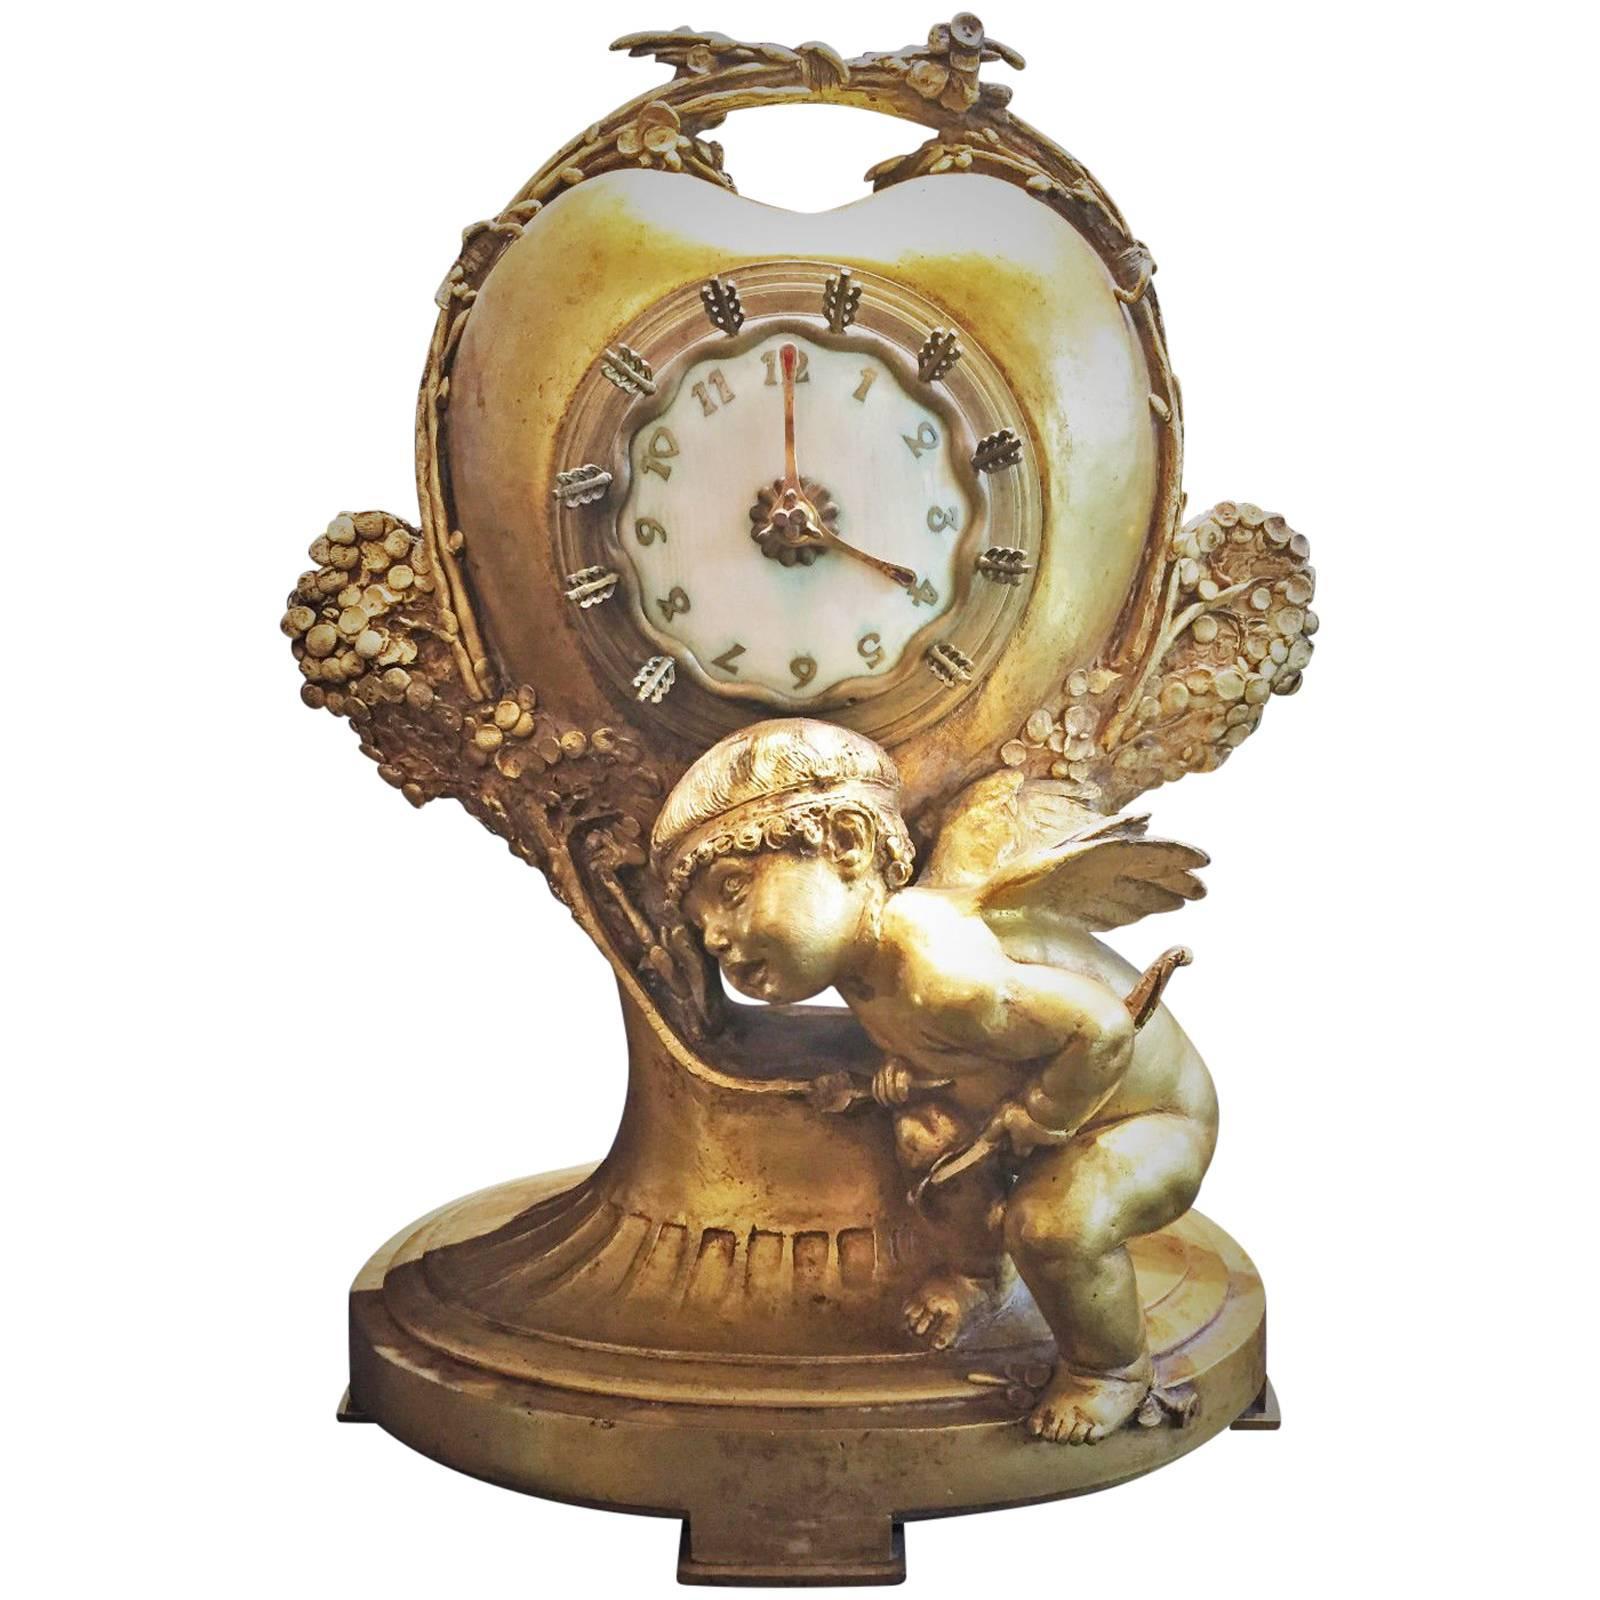 Max Blondat, French Art Nouveau Gilt Bronze Timepiece, 1914